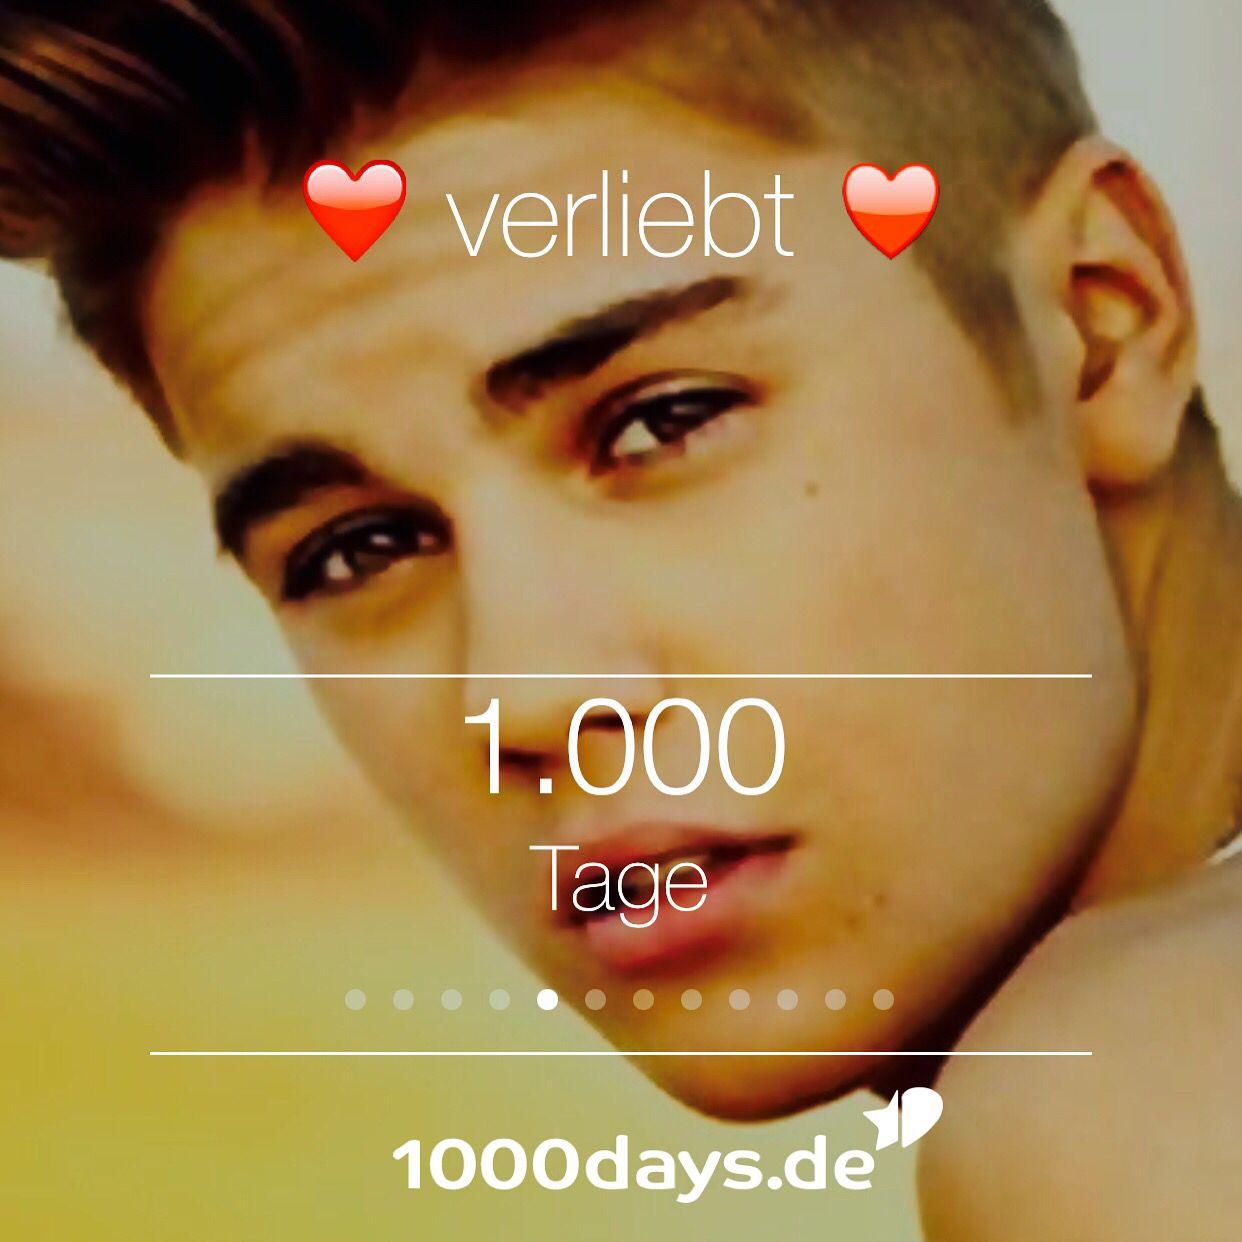 Verliebt in Justin! Seit 1000 Tagen ;-) berechnet mit ...